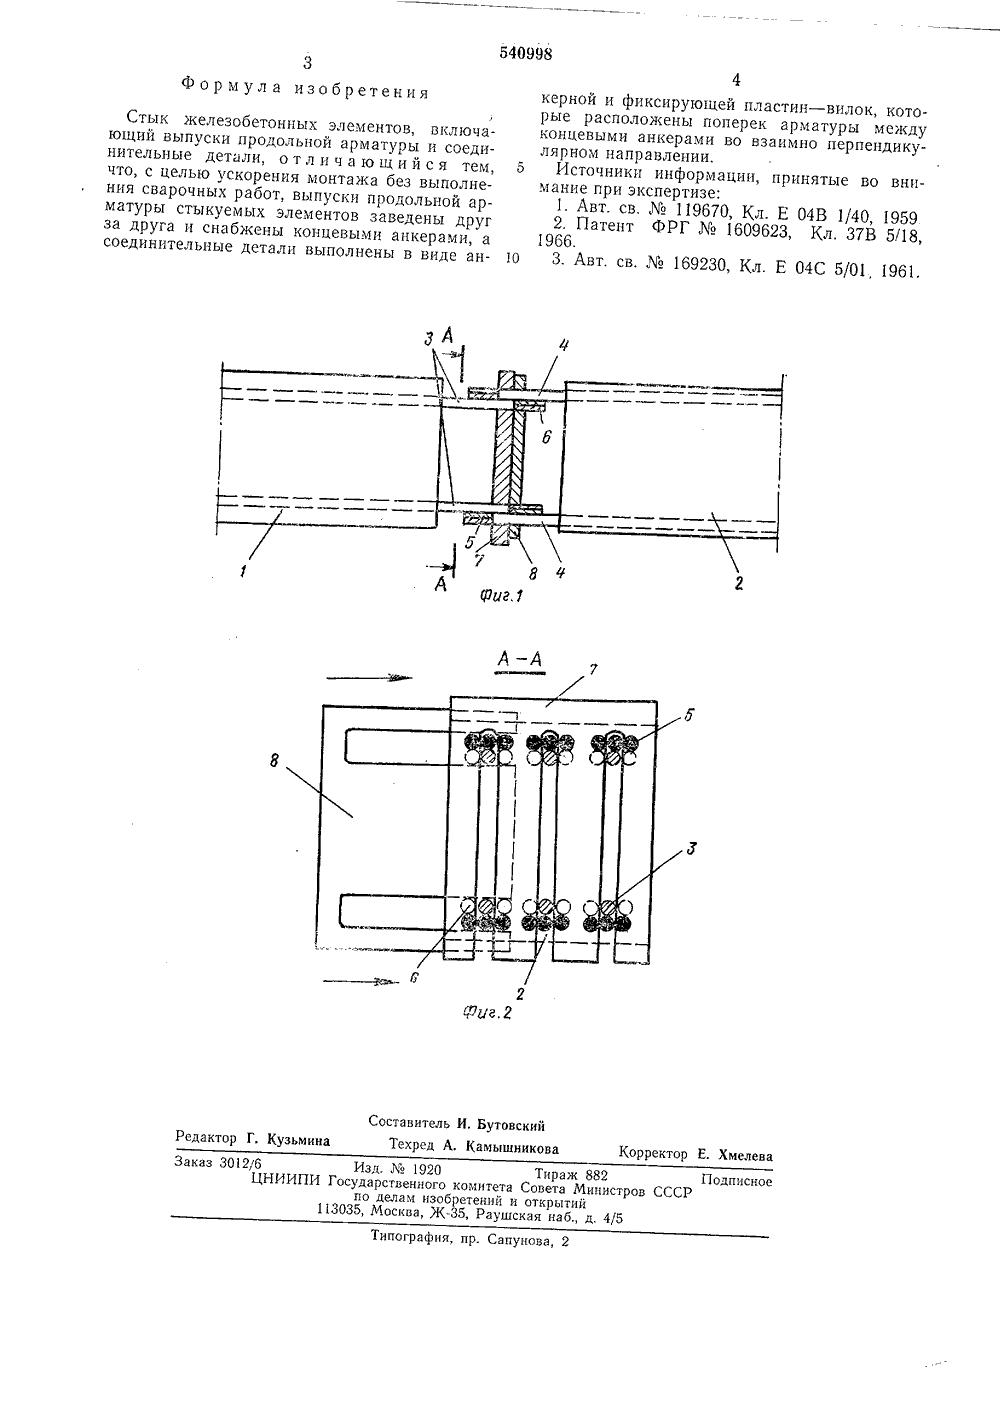 Стыки железобетонных элементов основные виды железобетонных конструкций